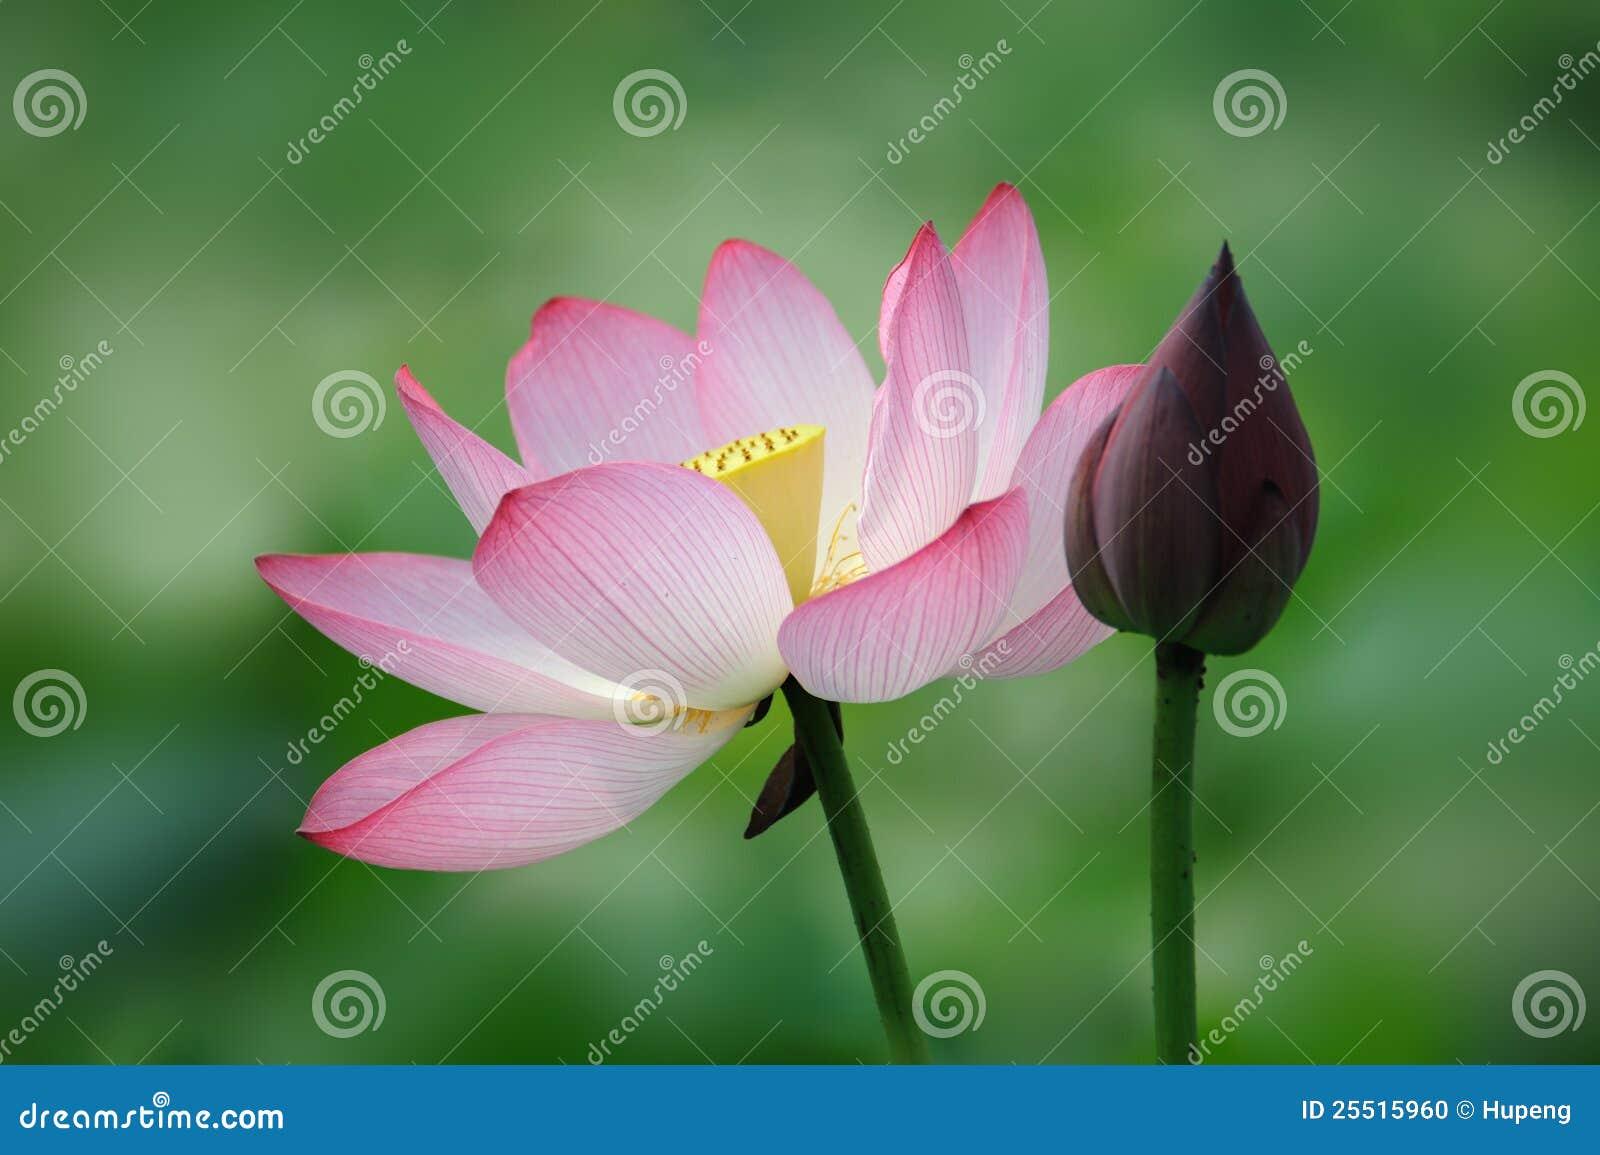 fleur de lotus rose avec le bourgeon photo stock image du fond couleur 25515960. Black Bedroom Furniture Sets. Home Design Ideas